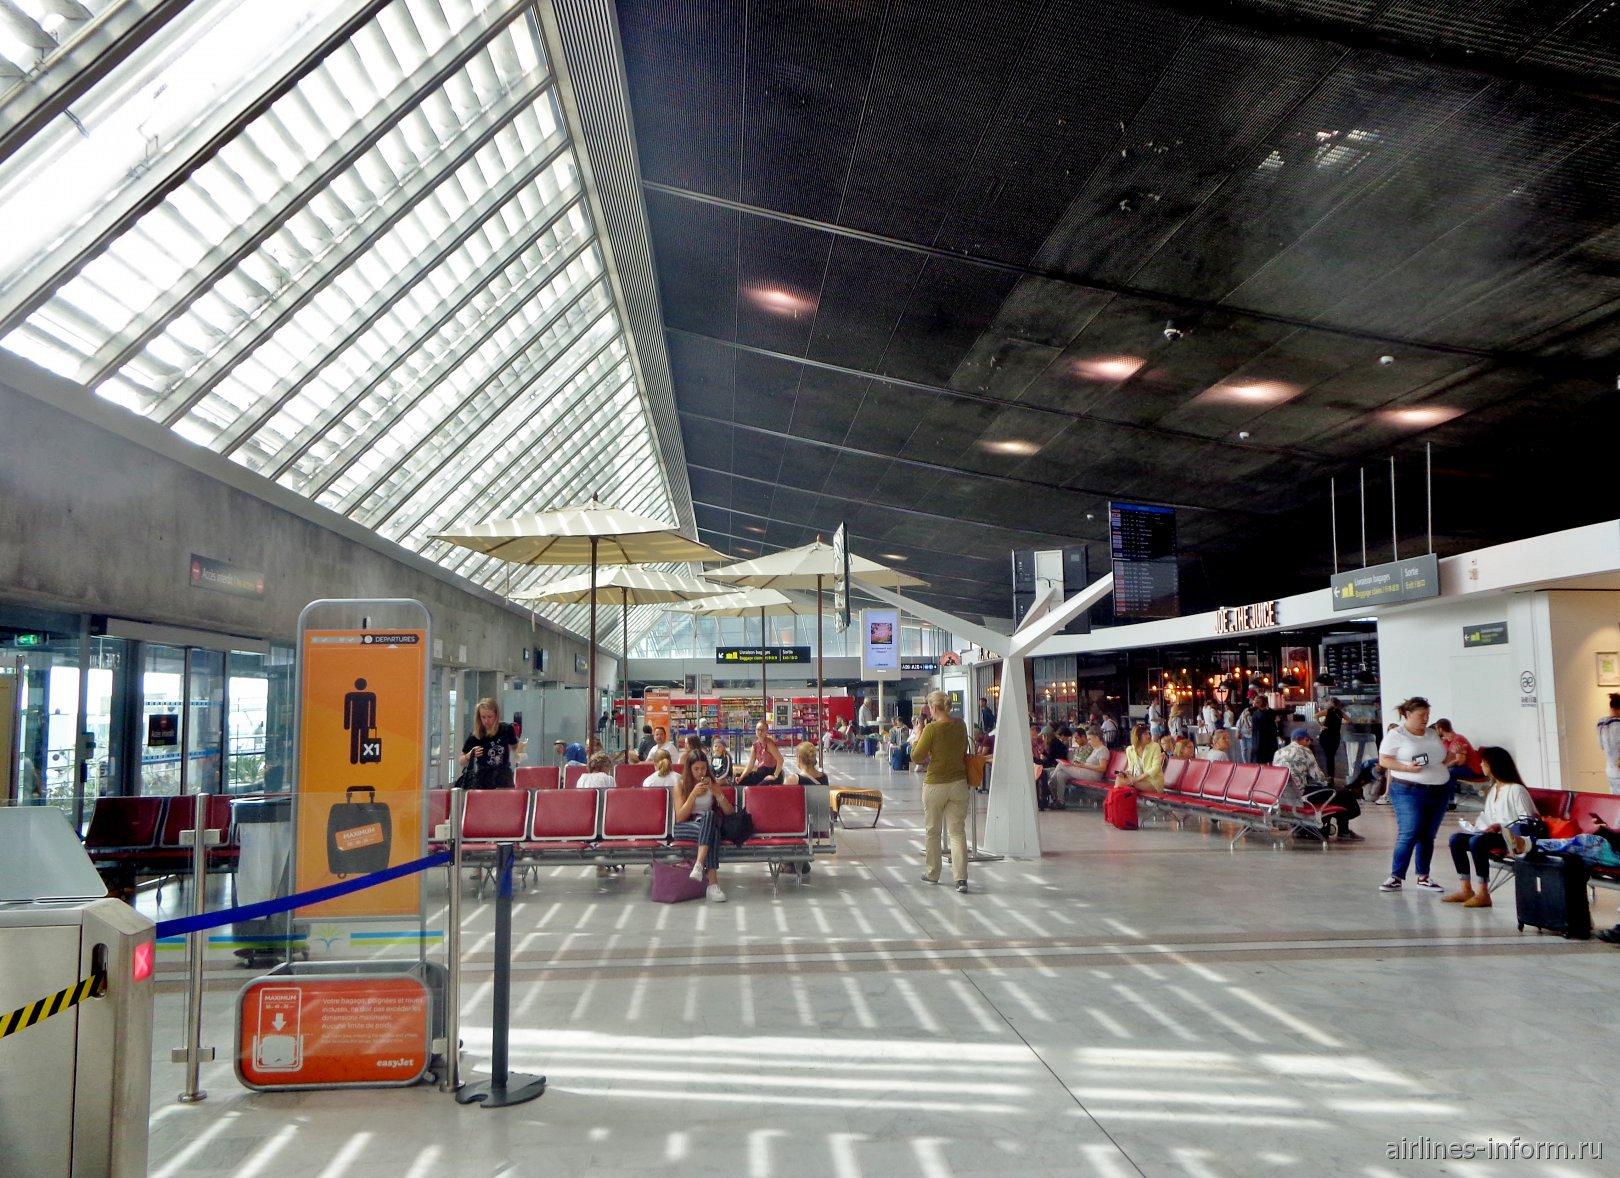 Зона выходов на посадку в Терминале 2 аэропорта Ницца Лазурный берег